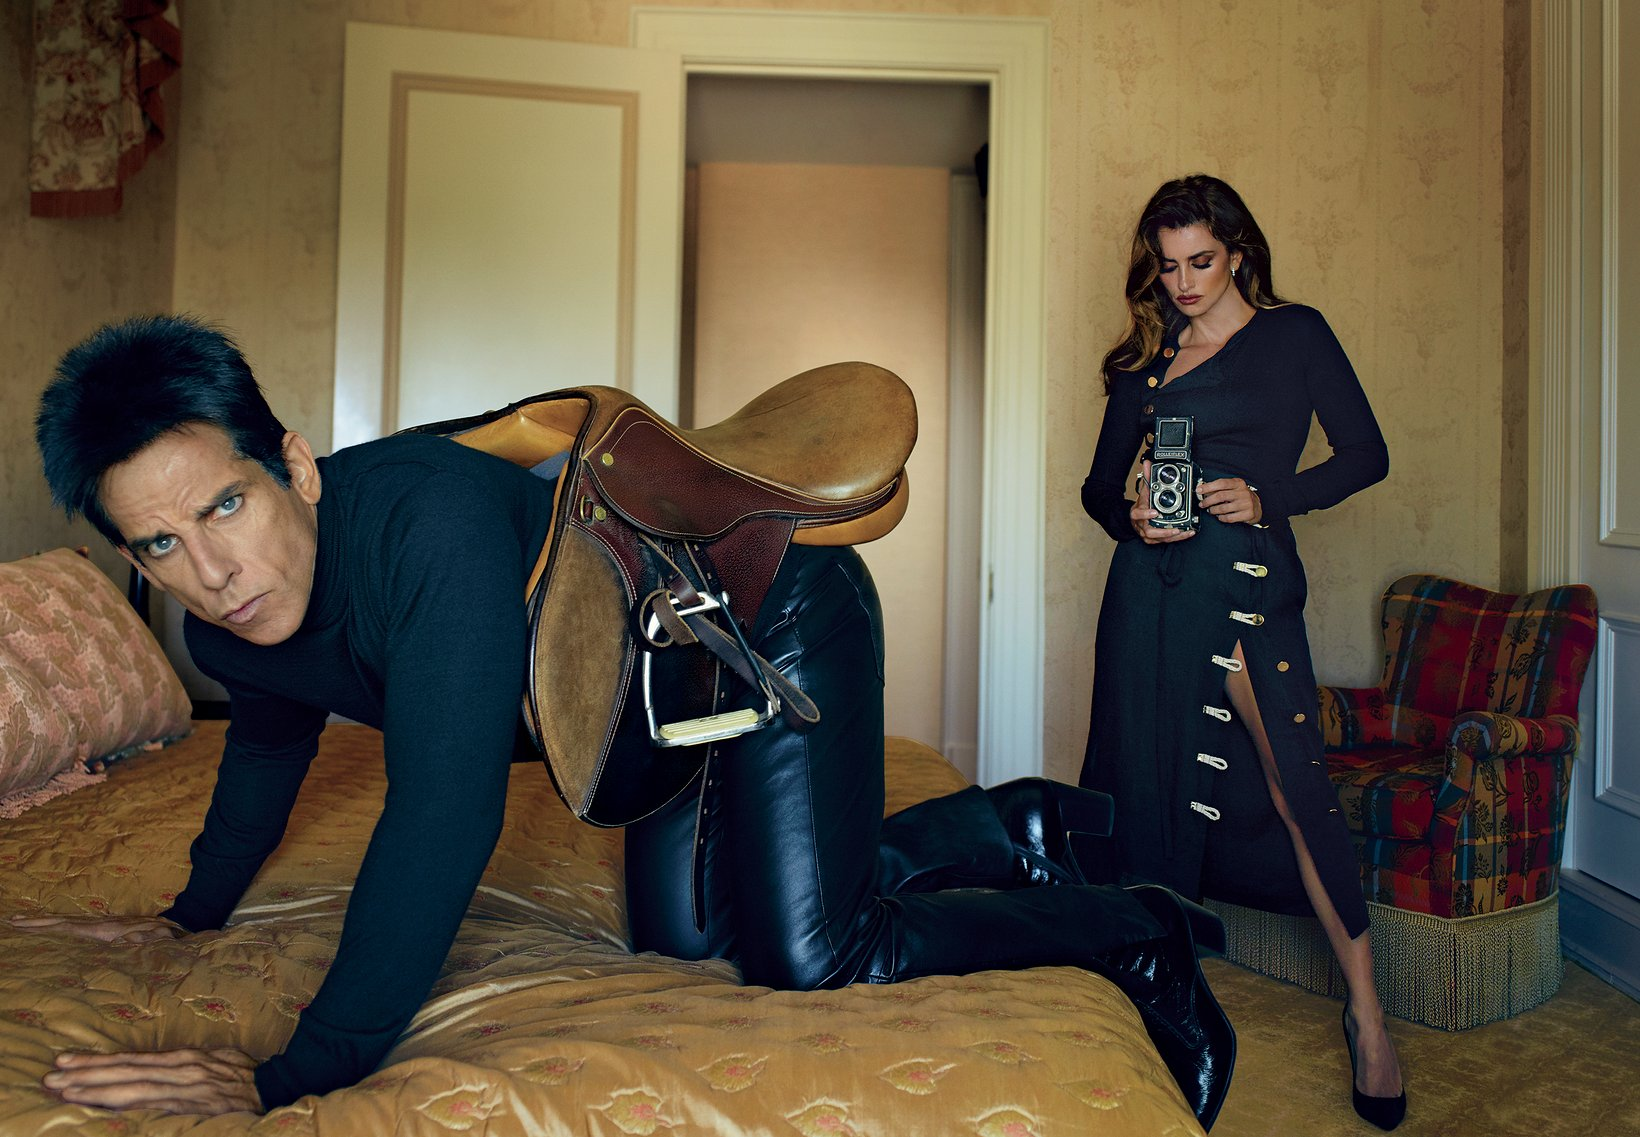 Ben Stiller's Derek Zoolander is in Vogue